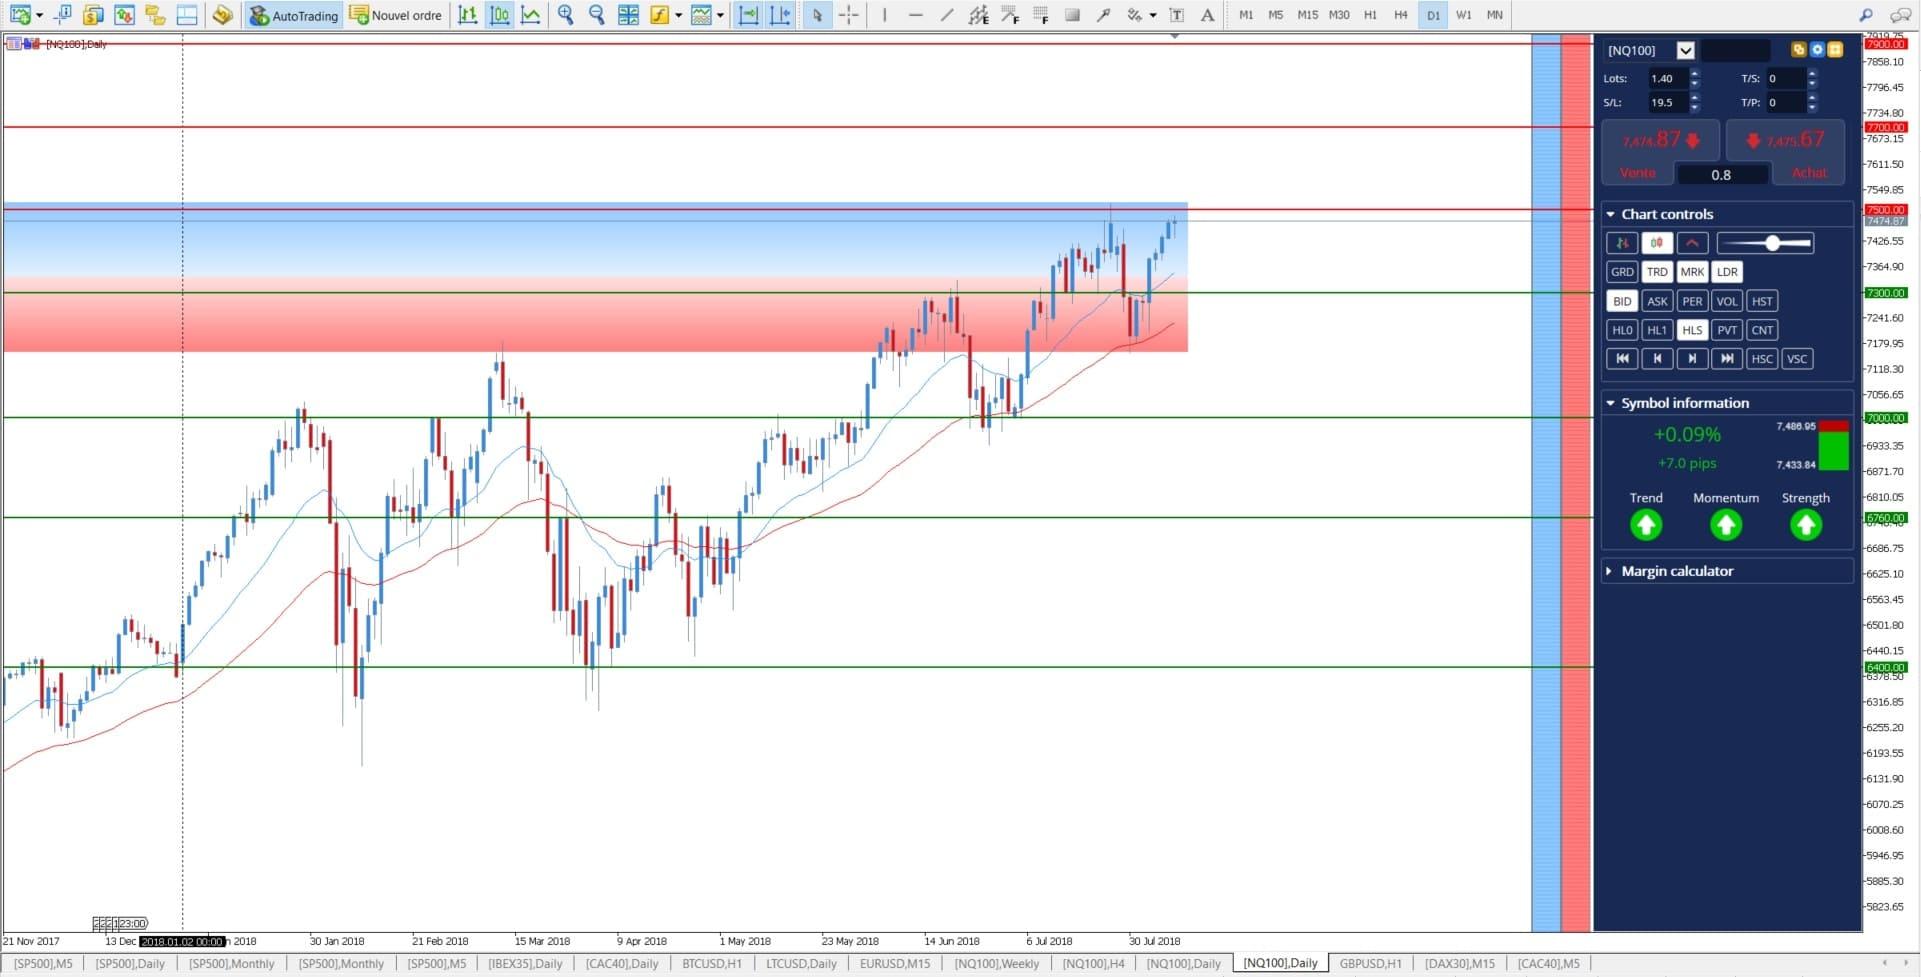 NASDAQ stocks - Nasdaq companies